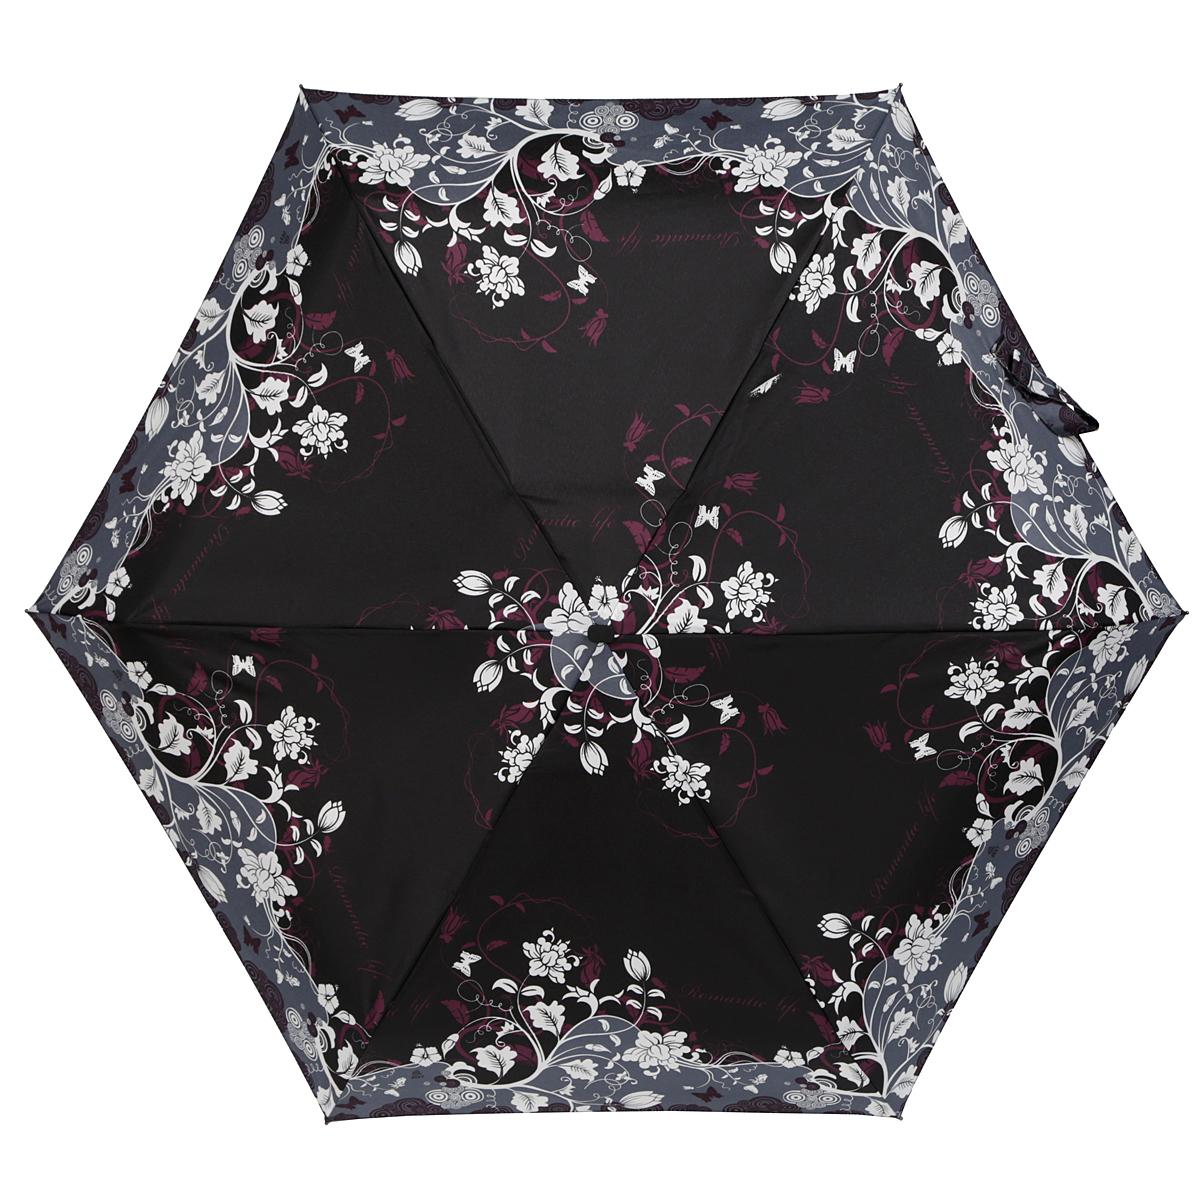 Зонт женский Zest, механический, 5 сложений, цвет: черный, серый, белый, фиолетовый. 25569-802525569-8025Элегантный механический зонт Zest в 5 сложений изготовлен из высокопрочных материалов. Каркас зонта состоит из 6 спиц и прочного алюминиевого стержня. Специальная система Windproof защищает его от поломок во время сильных порывов ветра. Купол зонта выполнен из прочного полиэстера с водоотталкивающей пропиткой и оформлен стильным цветочным узором. Используемые высококачественные красители обеспечивают длительное сохранение свойств ткани купола. Рукоятка, разработанная с учетом требований эргономики, выполнена из пластика. Зонт механического сложения: купол открывается и закрывается вручную до характерного щелчка. Небольшой шнурок, расположенный на рукоятке, позволяет надеть изделие на руку при необходимости. Модель закрывается при помощи хлястика на застежку-липучку. К зонту прилагается чехол. Прелестный зонт не только выручит вас в ненастную погоду, но и станет стильным аксессуаром, который прекрасно дополнит ваш модный образ.